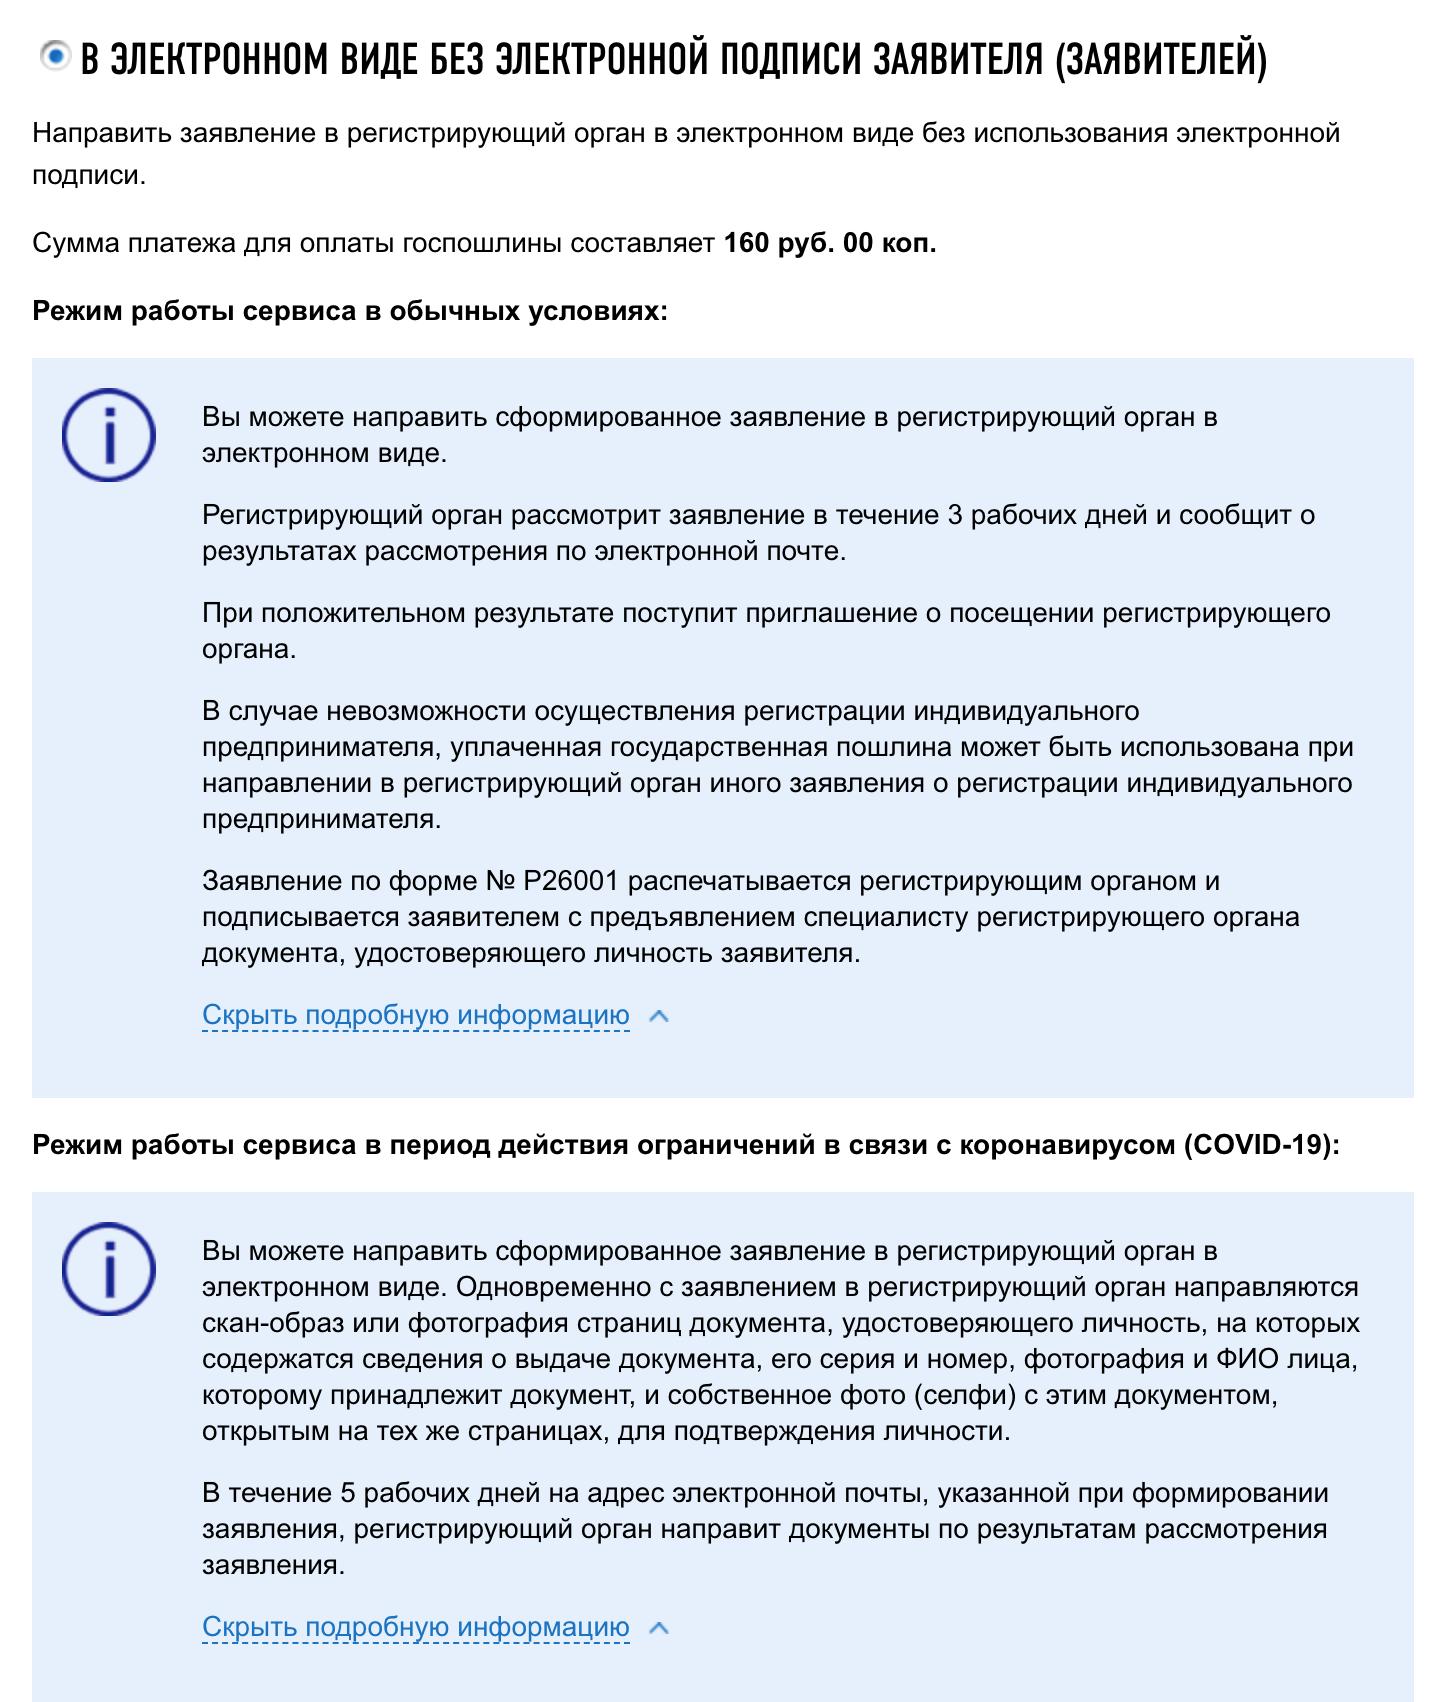 После 20 апреля на сайте налоговой появились новые сведения о режиме работы во время пандемии